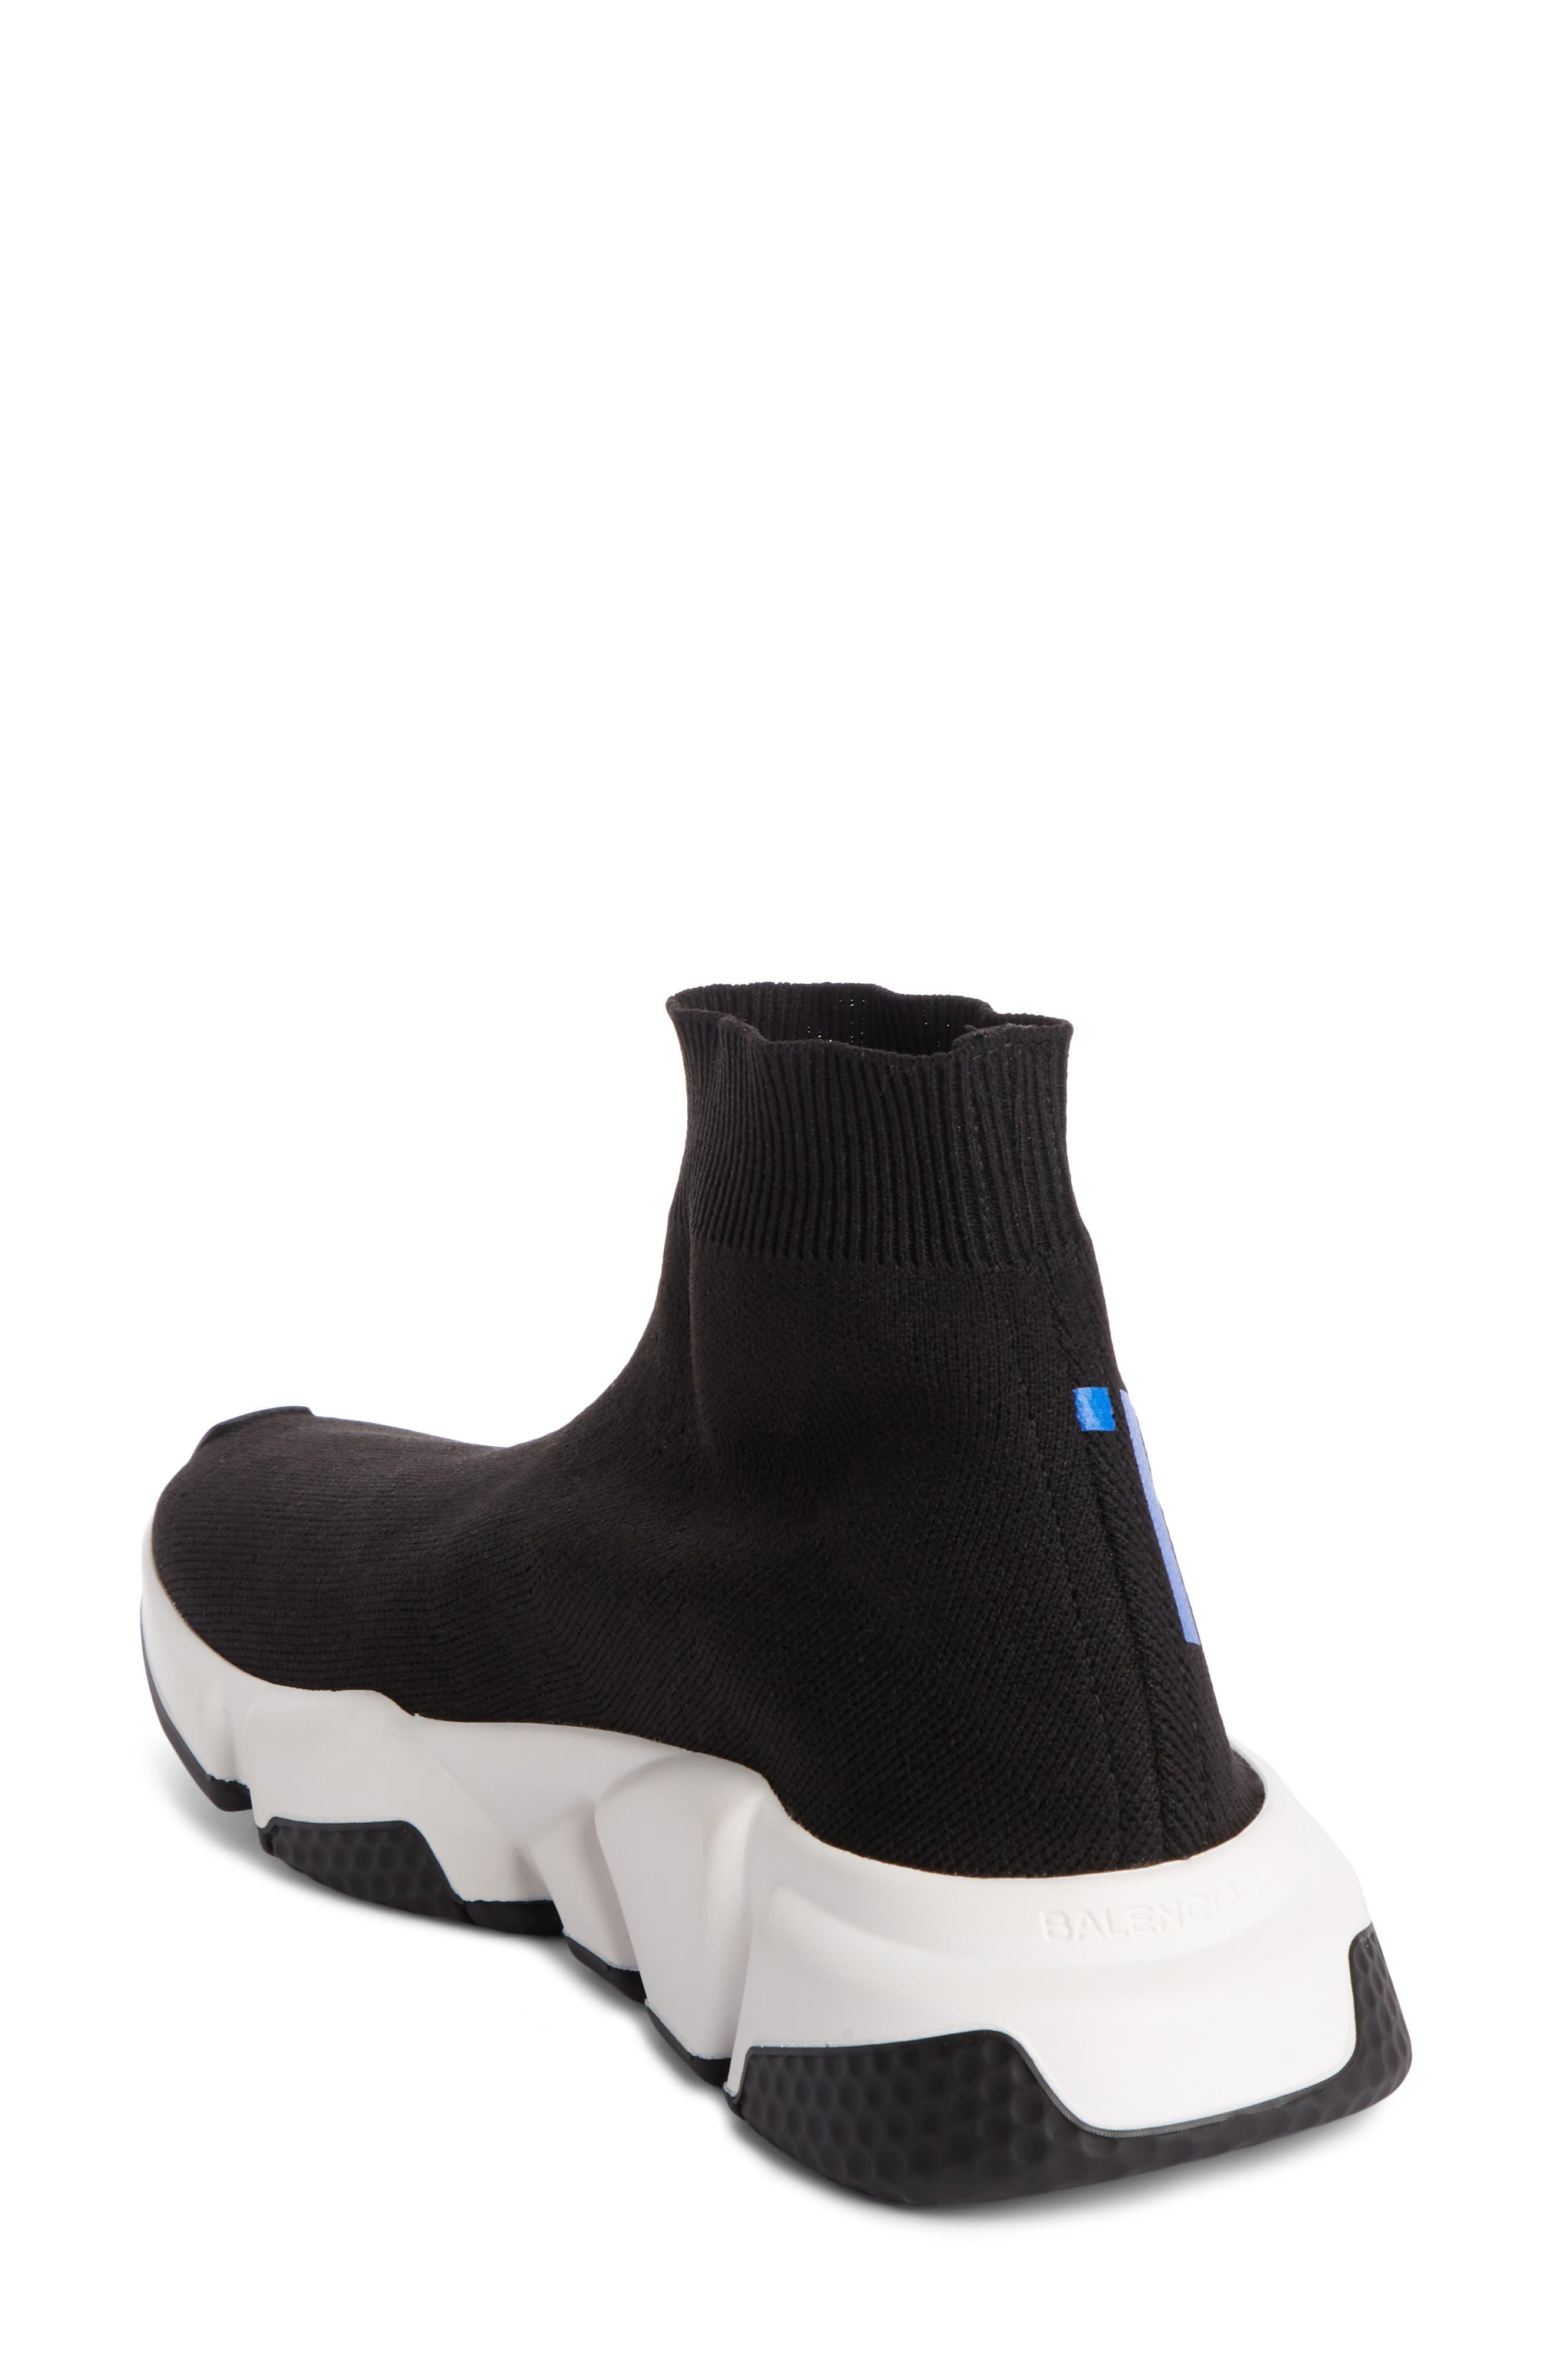 Dream Speed Trainer Sneaker,                             Alternate thumbnail 2, color,                             Black/ Blue